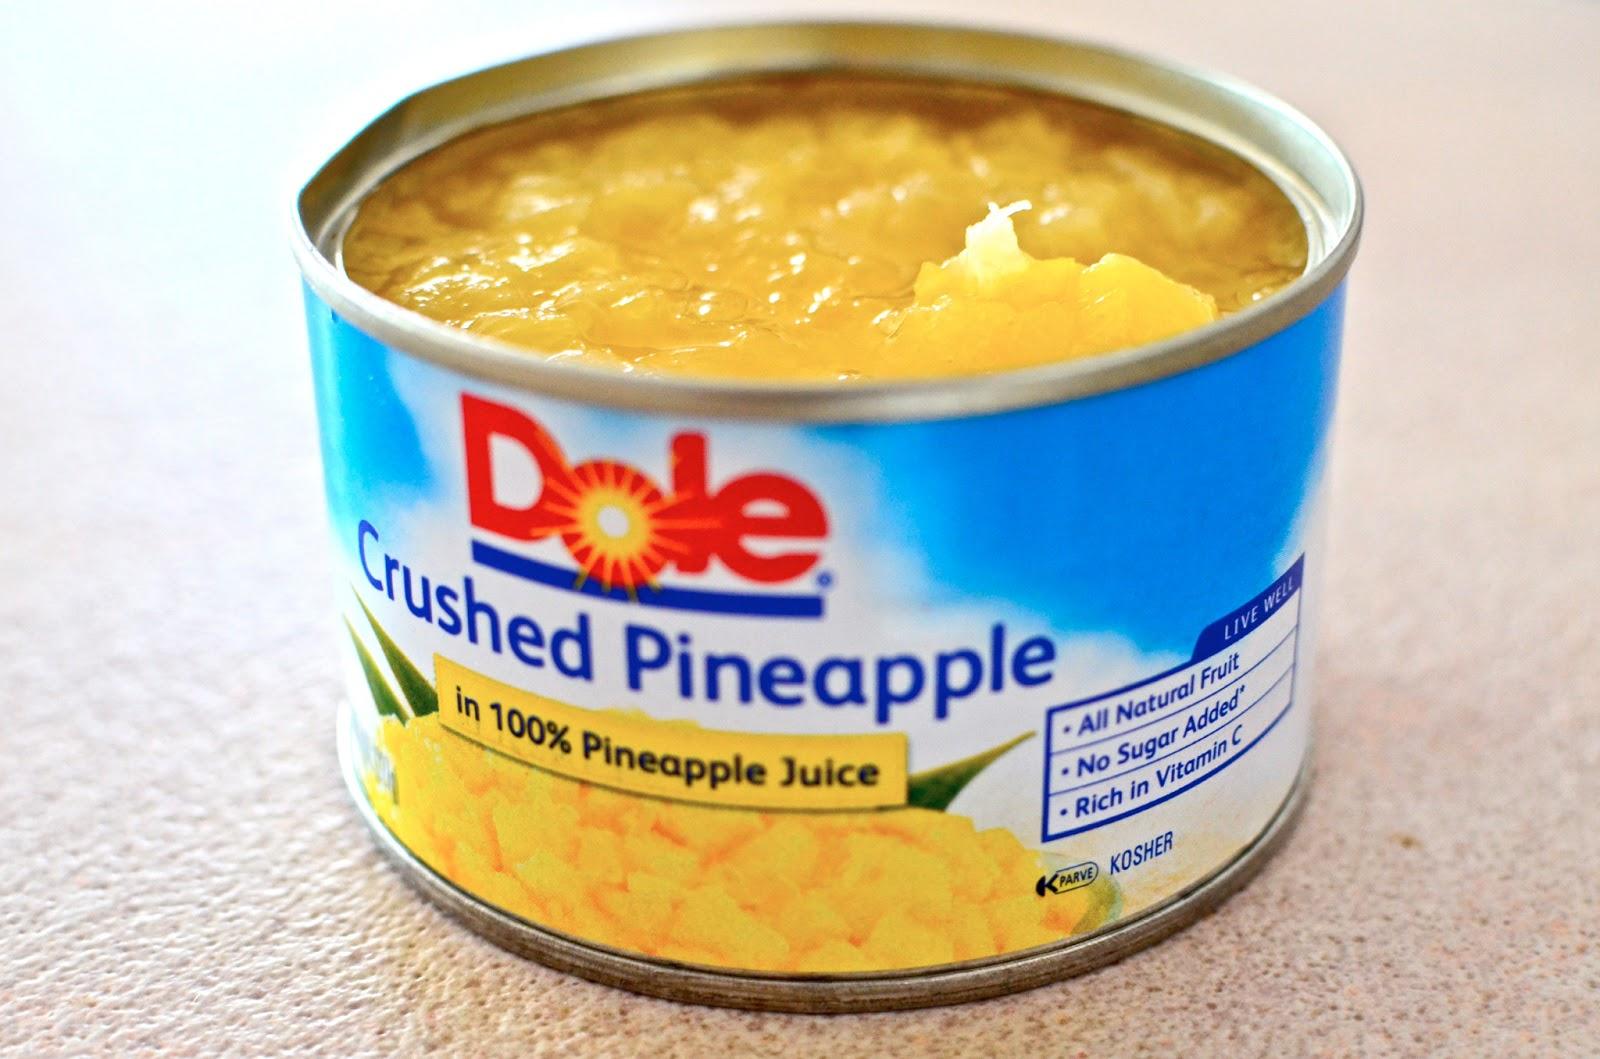 Crushed pinapple